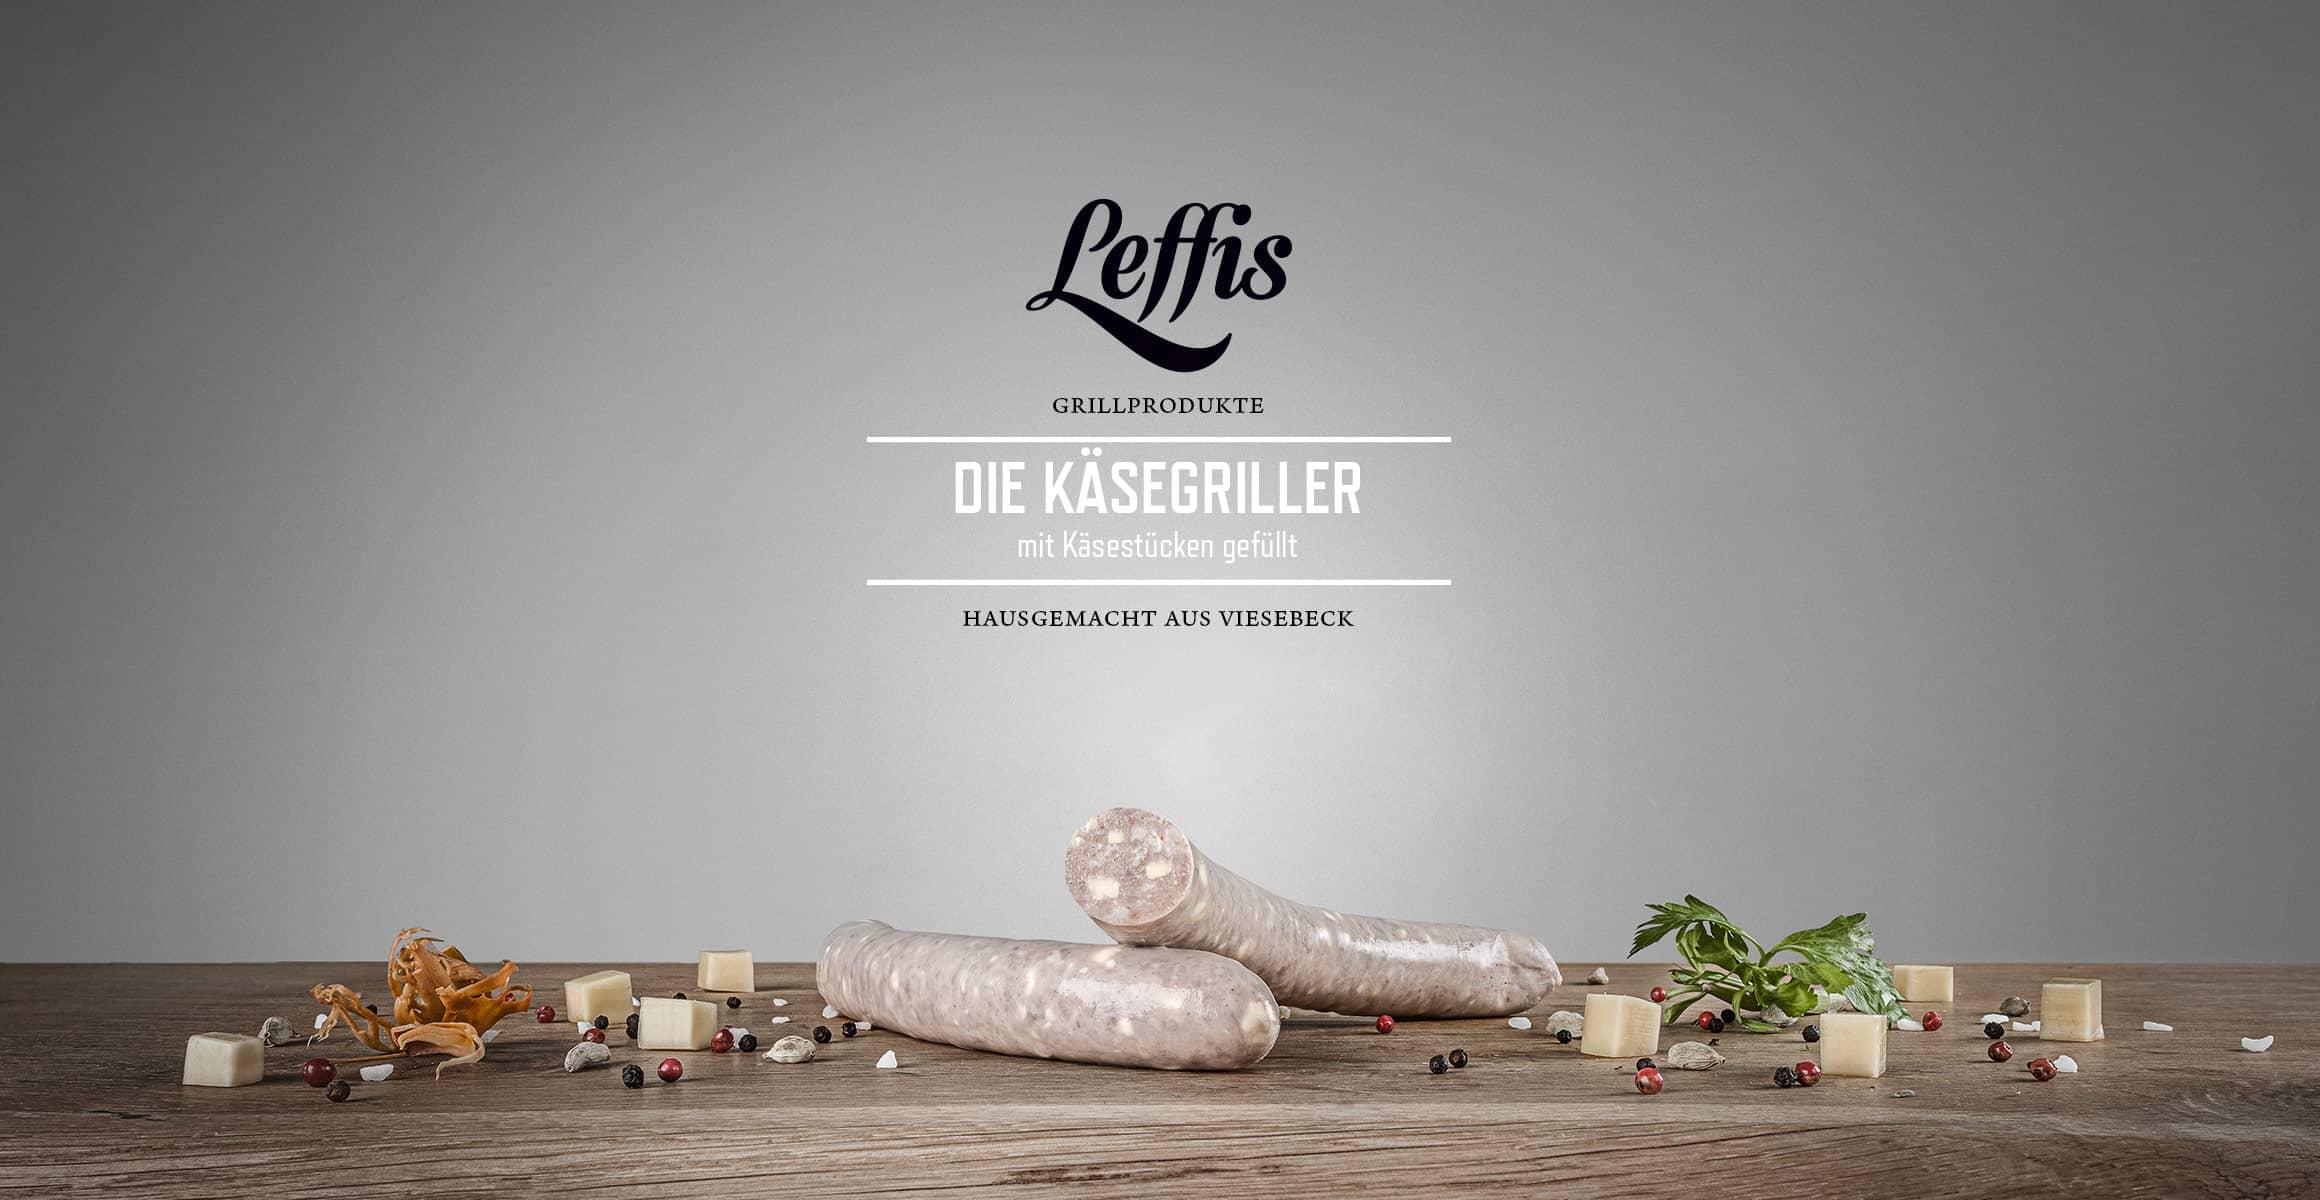 kaesegriller_bratwurst_leffis_landfleischerei_leffringhausenu7NzBx89LdzG4